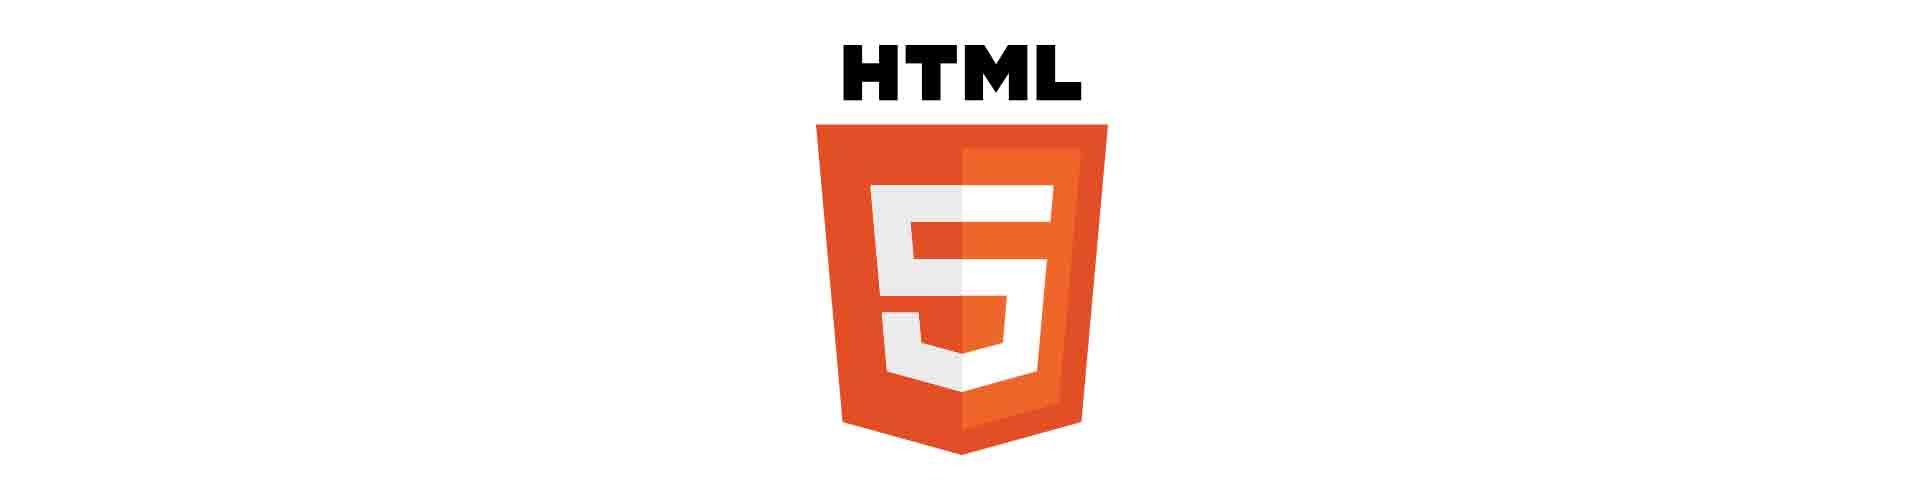 sito html5 web agency